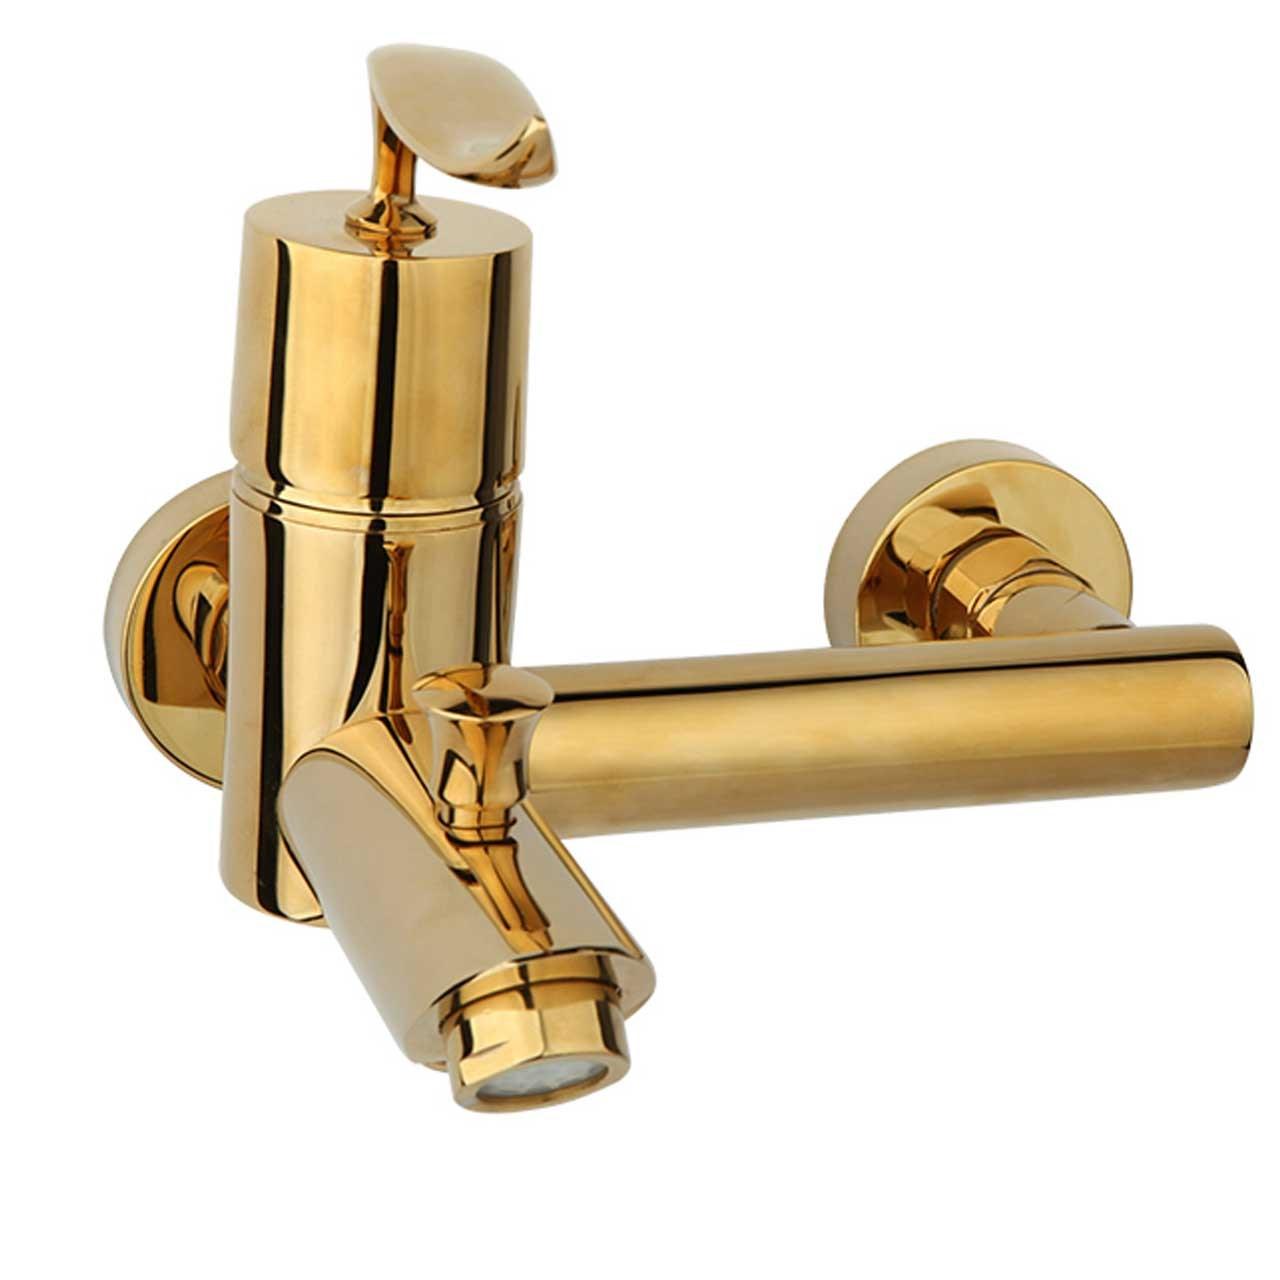 شیر حمام راسان مدل پالادیوم طلایی براق